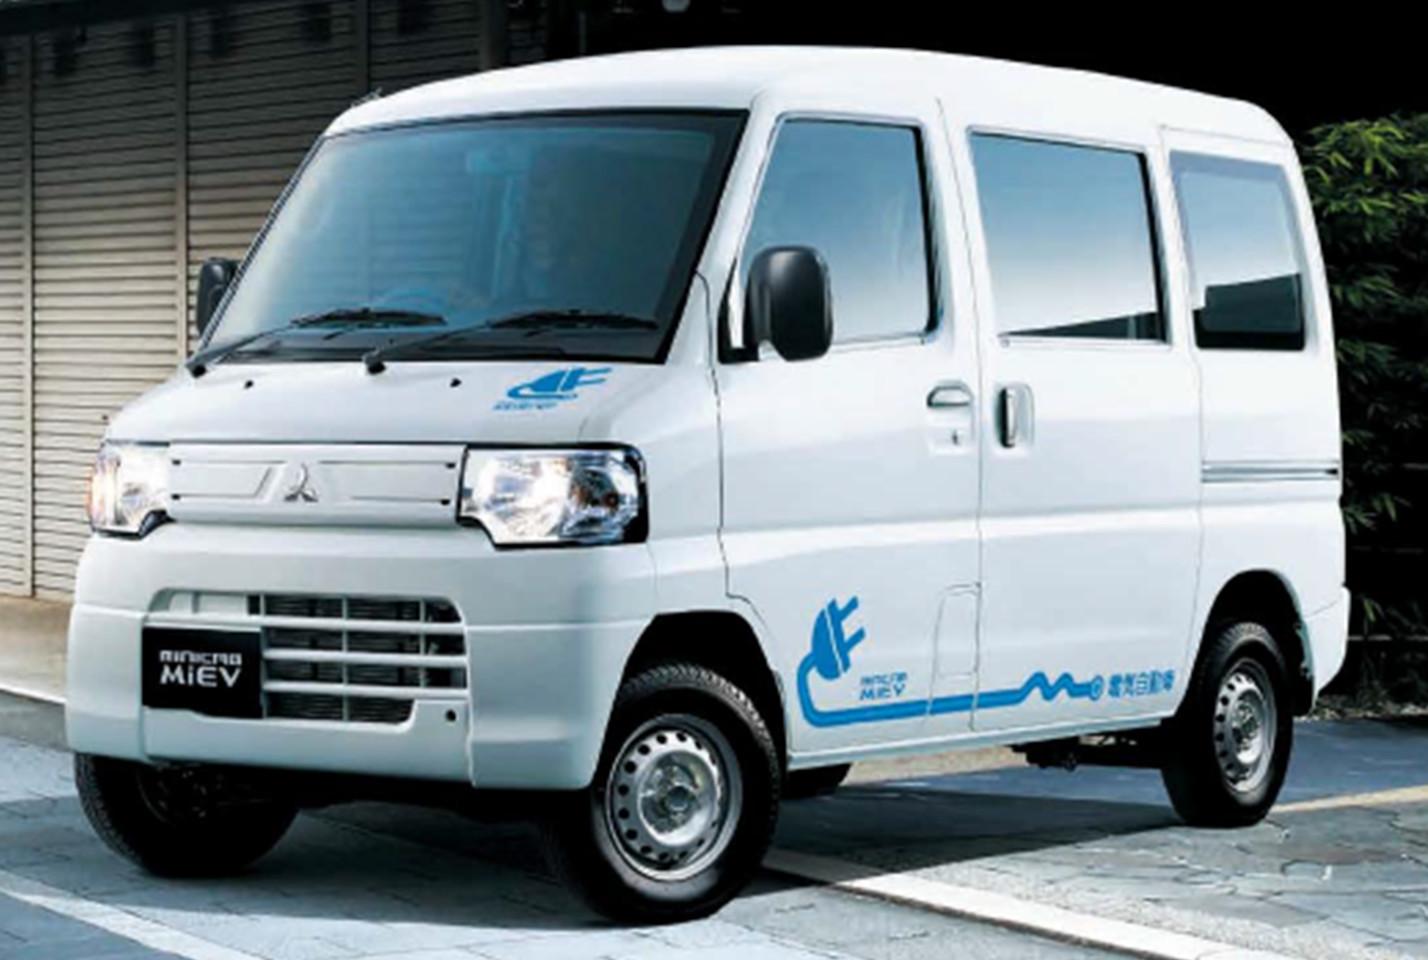 products | mitsubishi motors